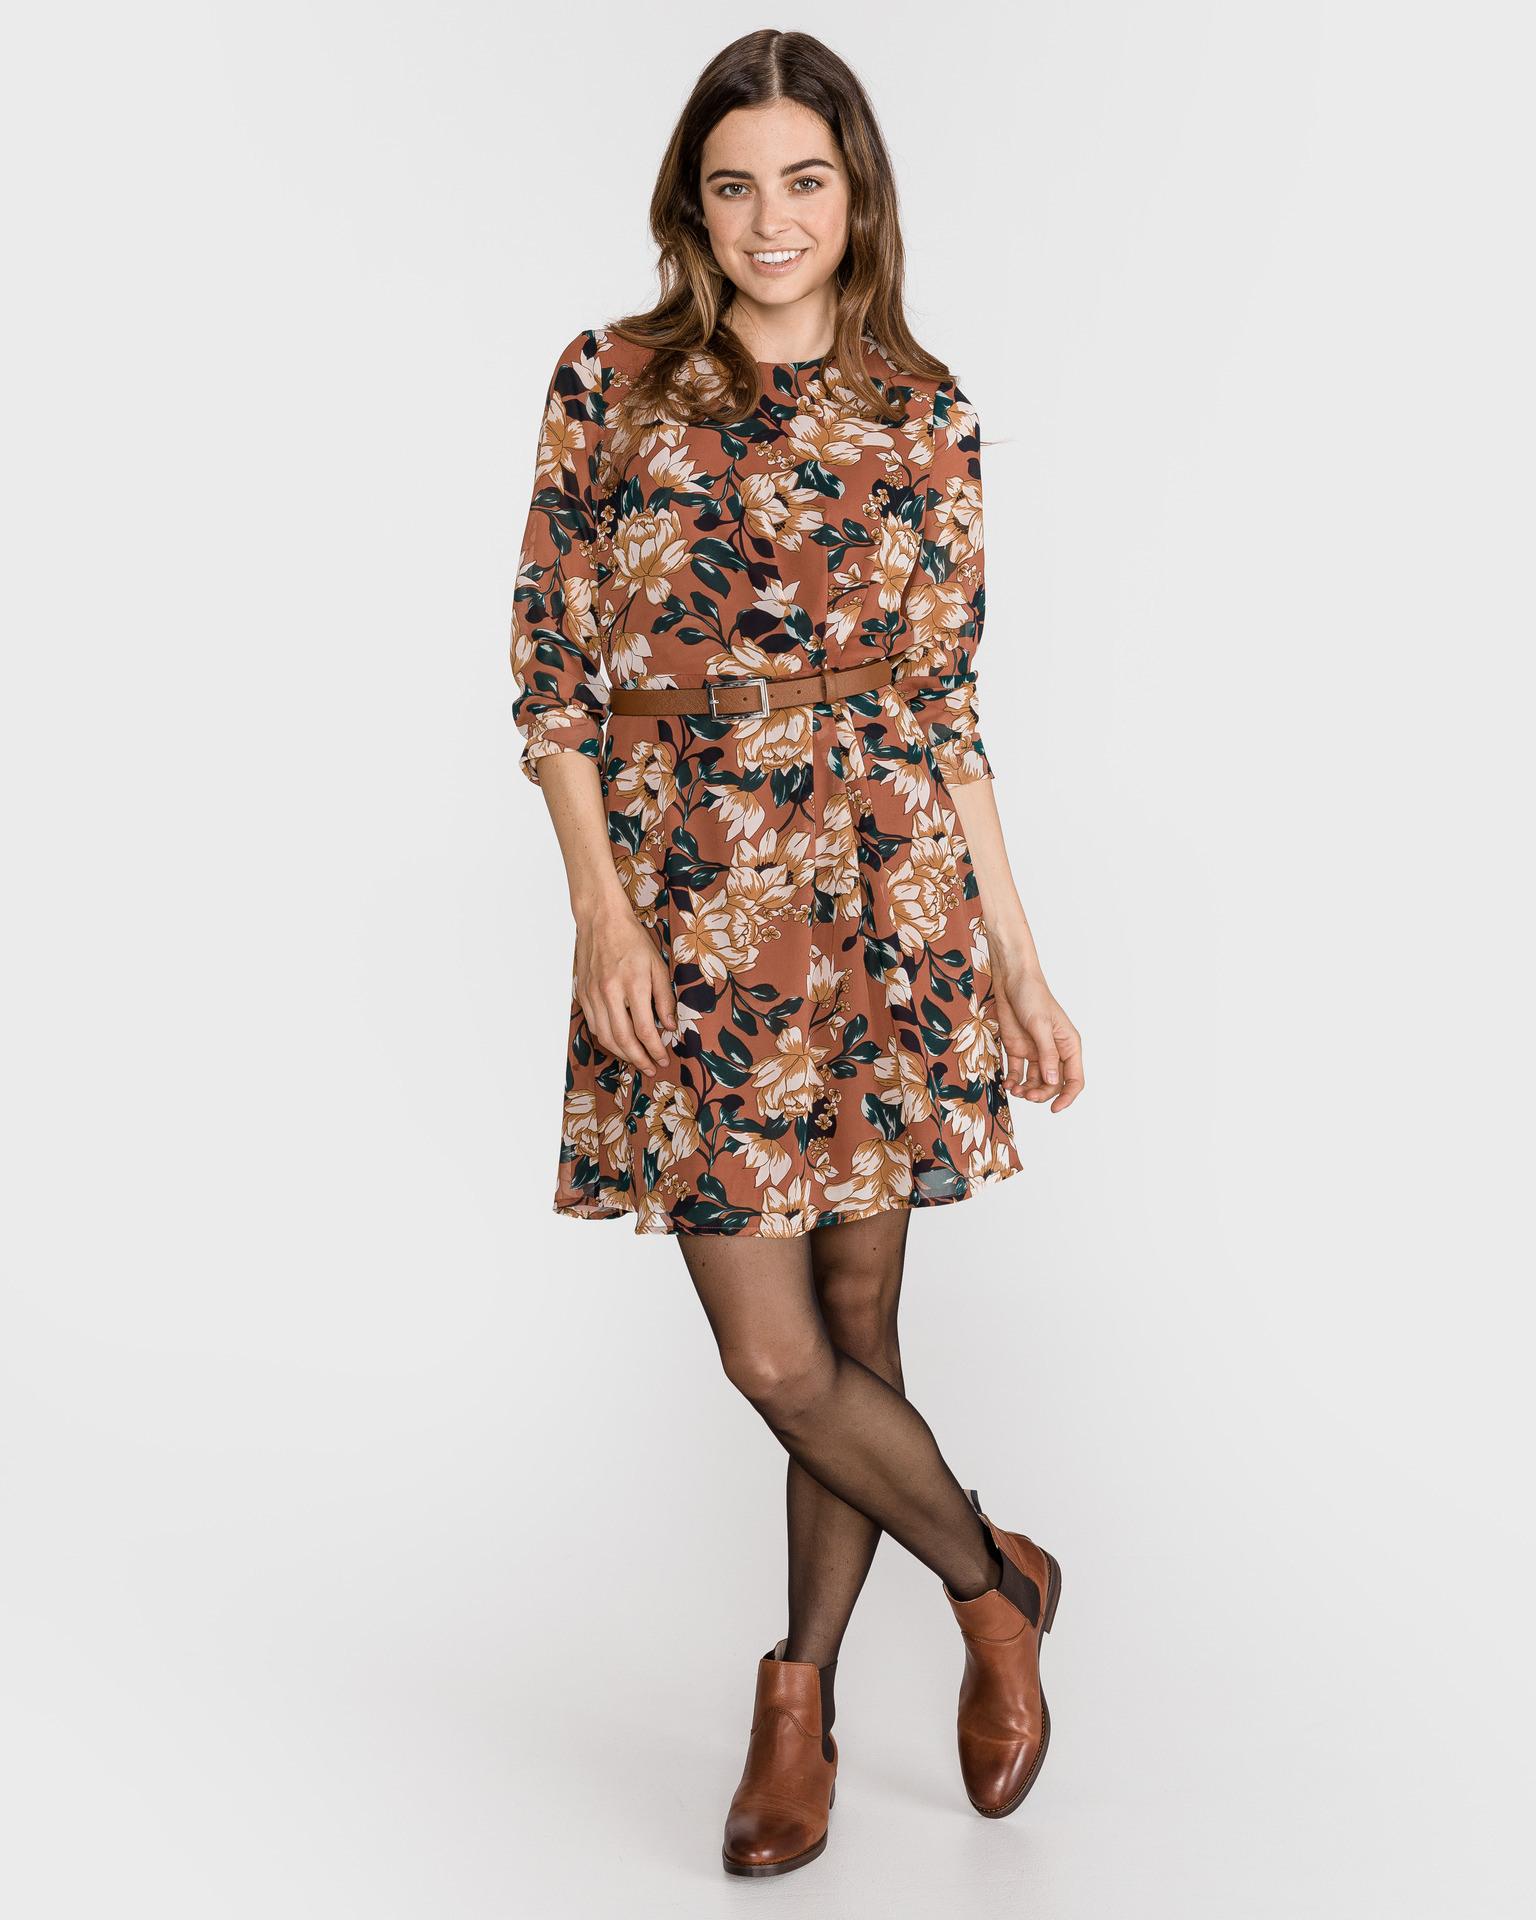 20 Kreativ Abendkleid Vero Moda Vertrieb10 Leicht Abendkleid Vero Moda Bester Preis